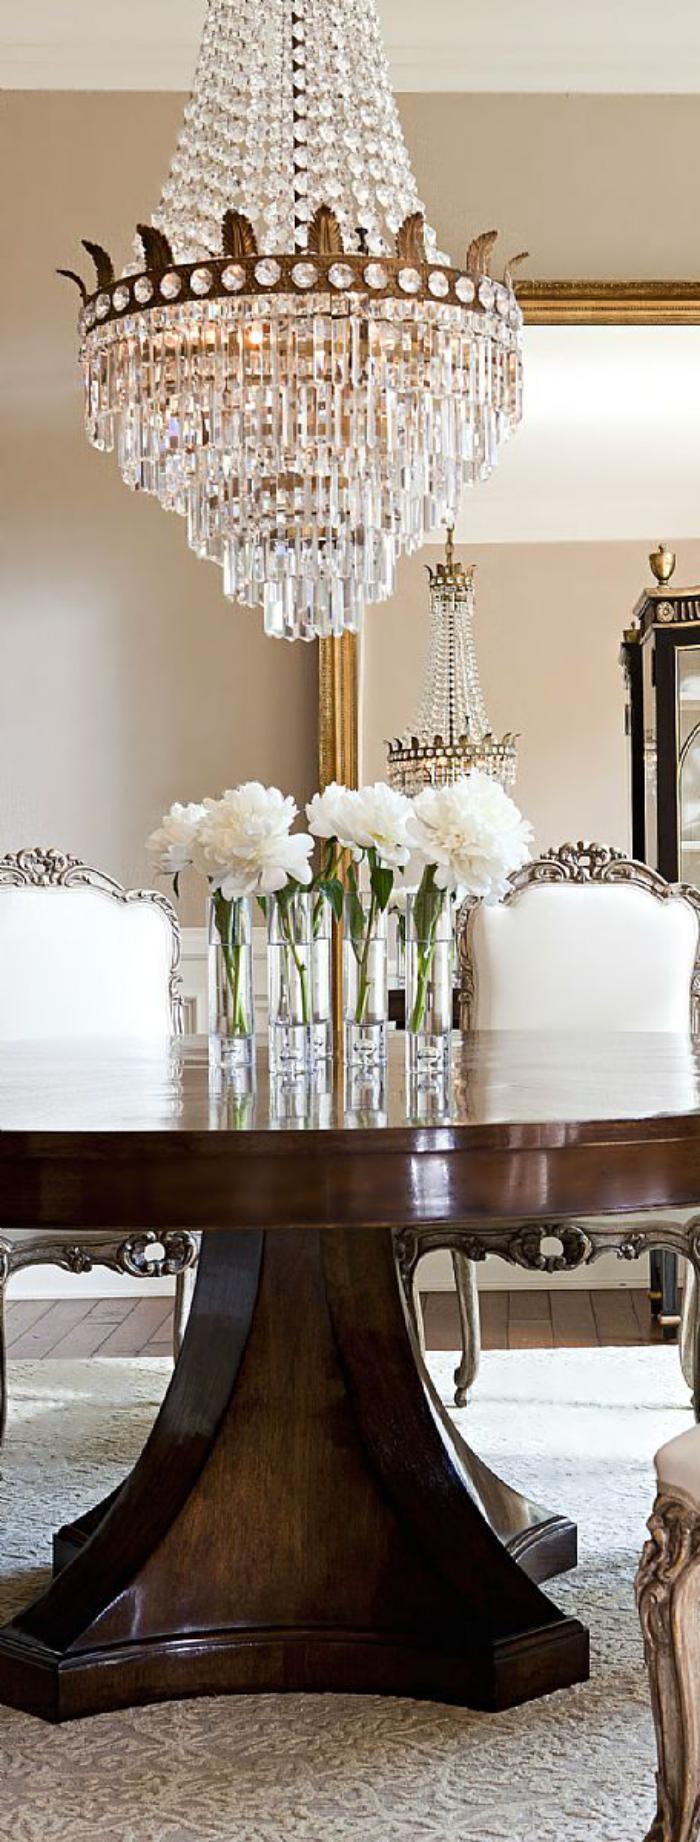 luxuriöses-Interieur-herrliche-Tischdekoration-prachtvoller-Kristallleuchter